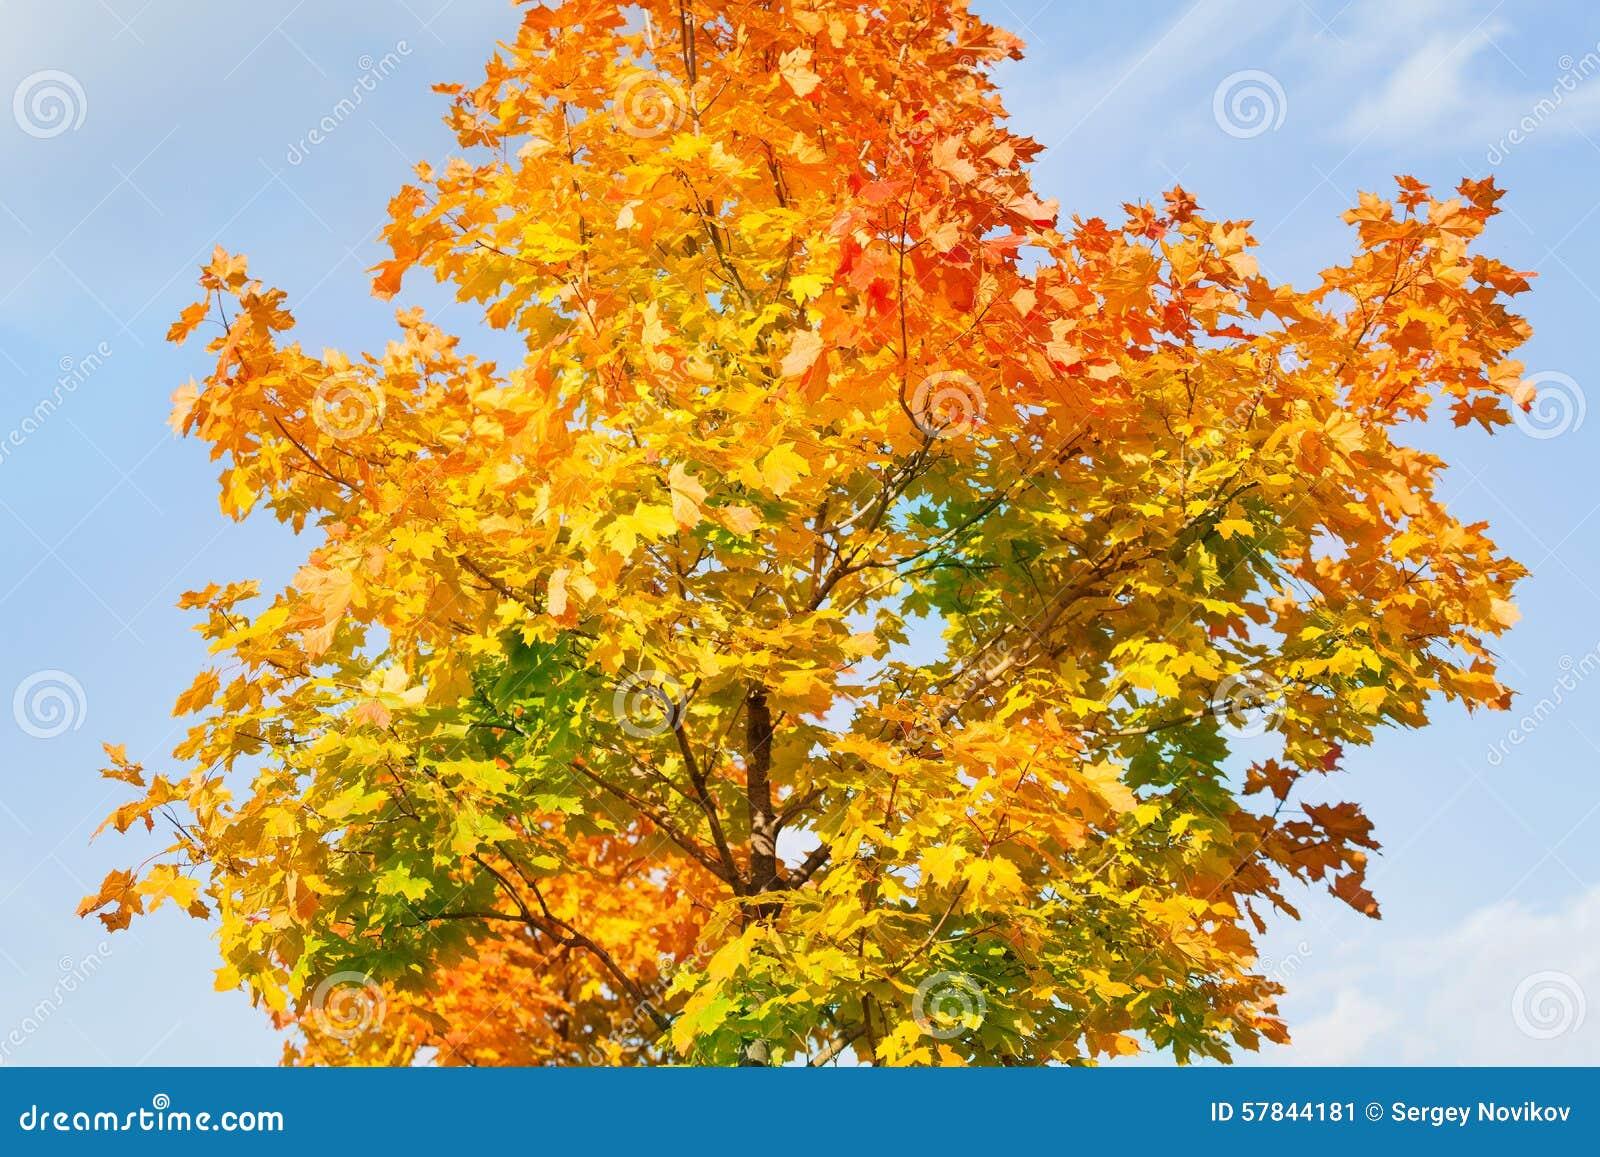 Couronne de l 39 arbre d 39 rable dans toutes les couleurs d 39 automne photo stock image 57844181 - Arbre de l avocat ...